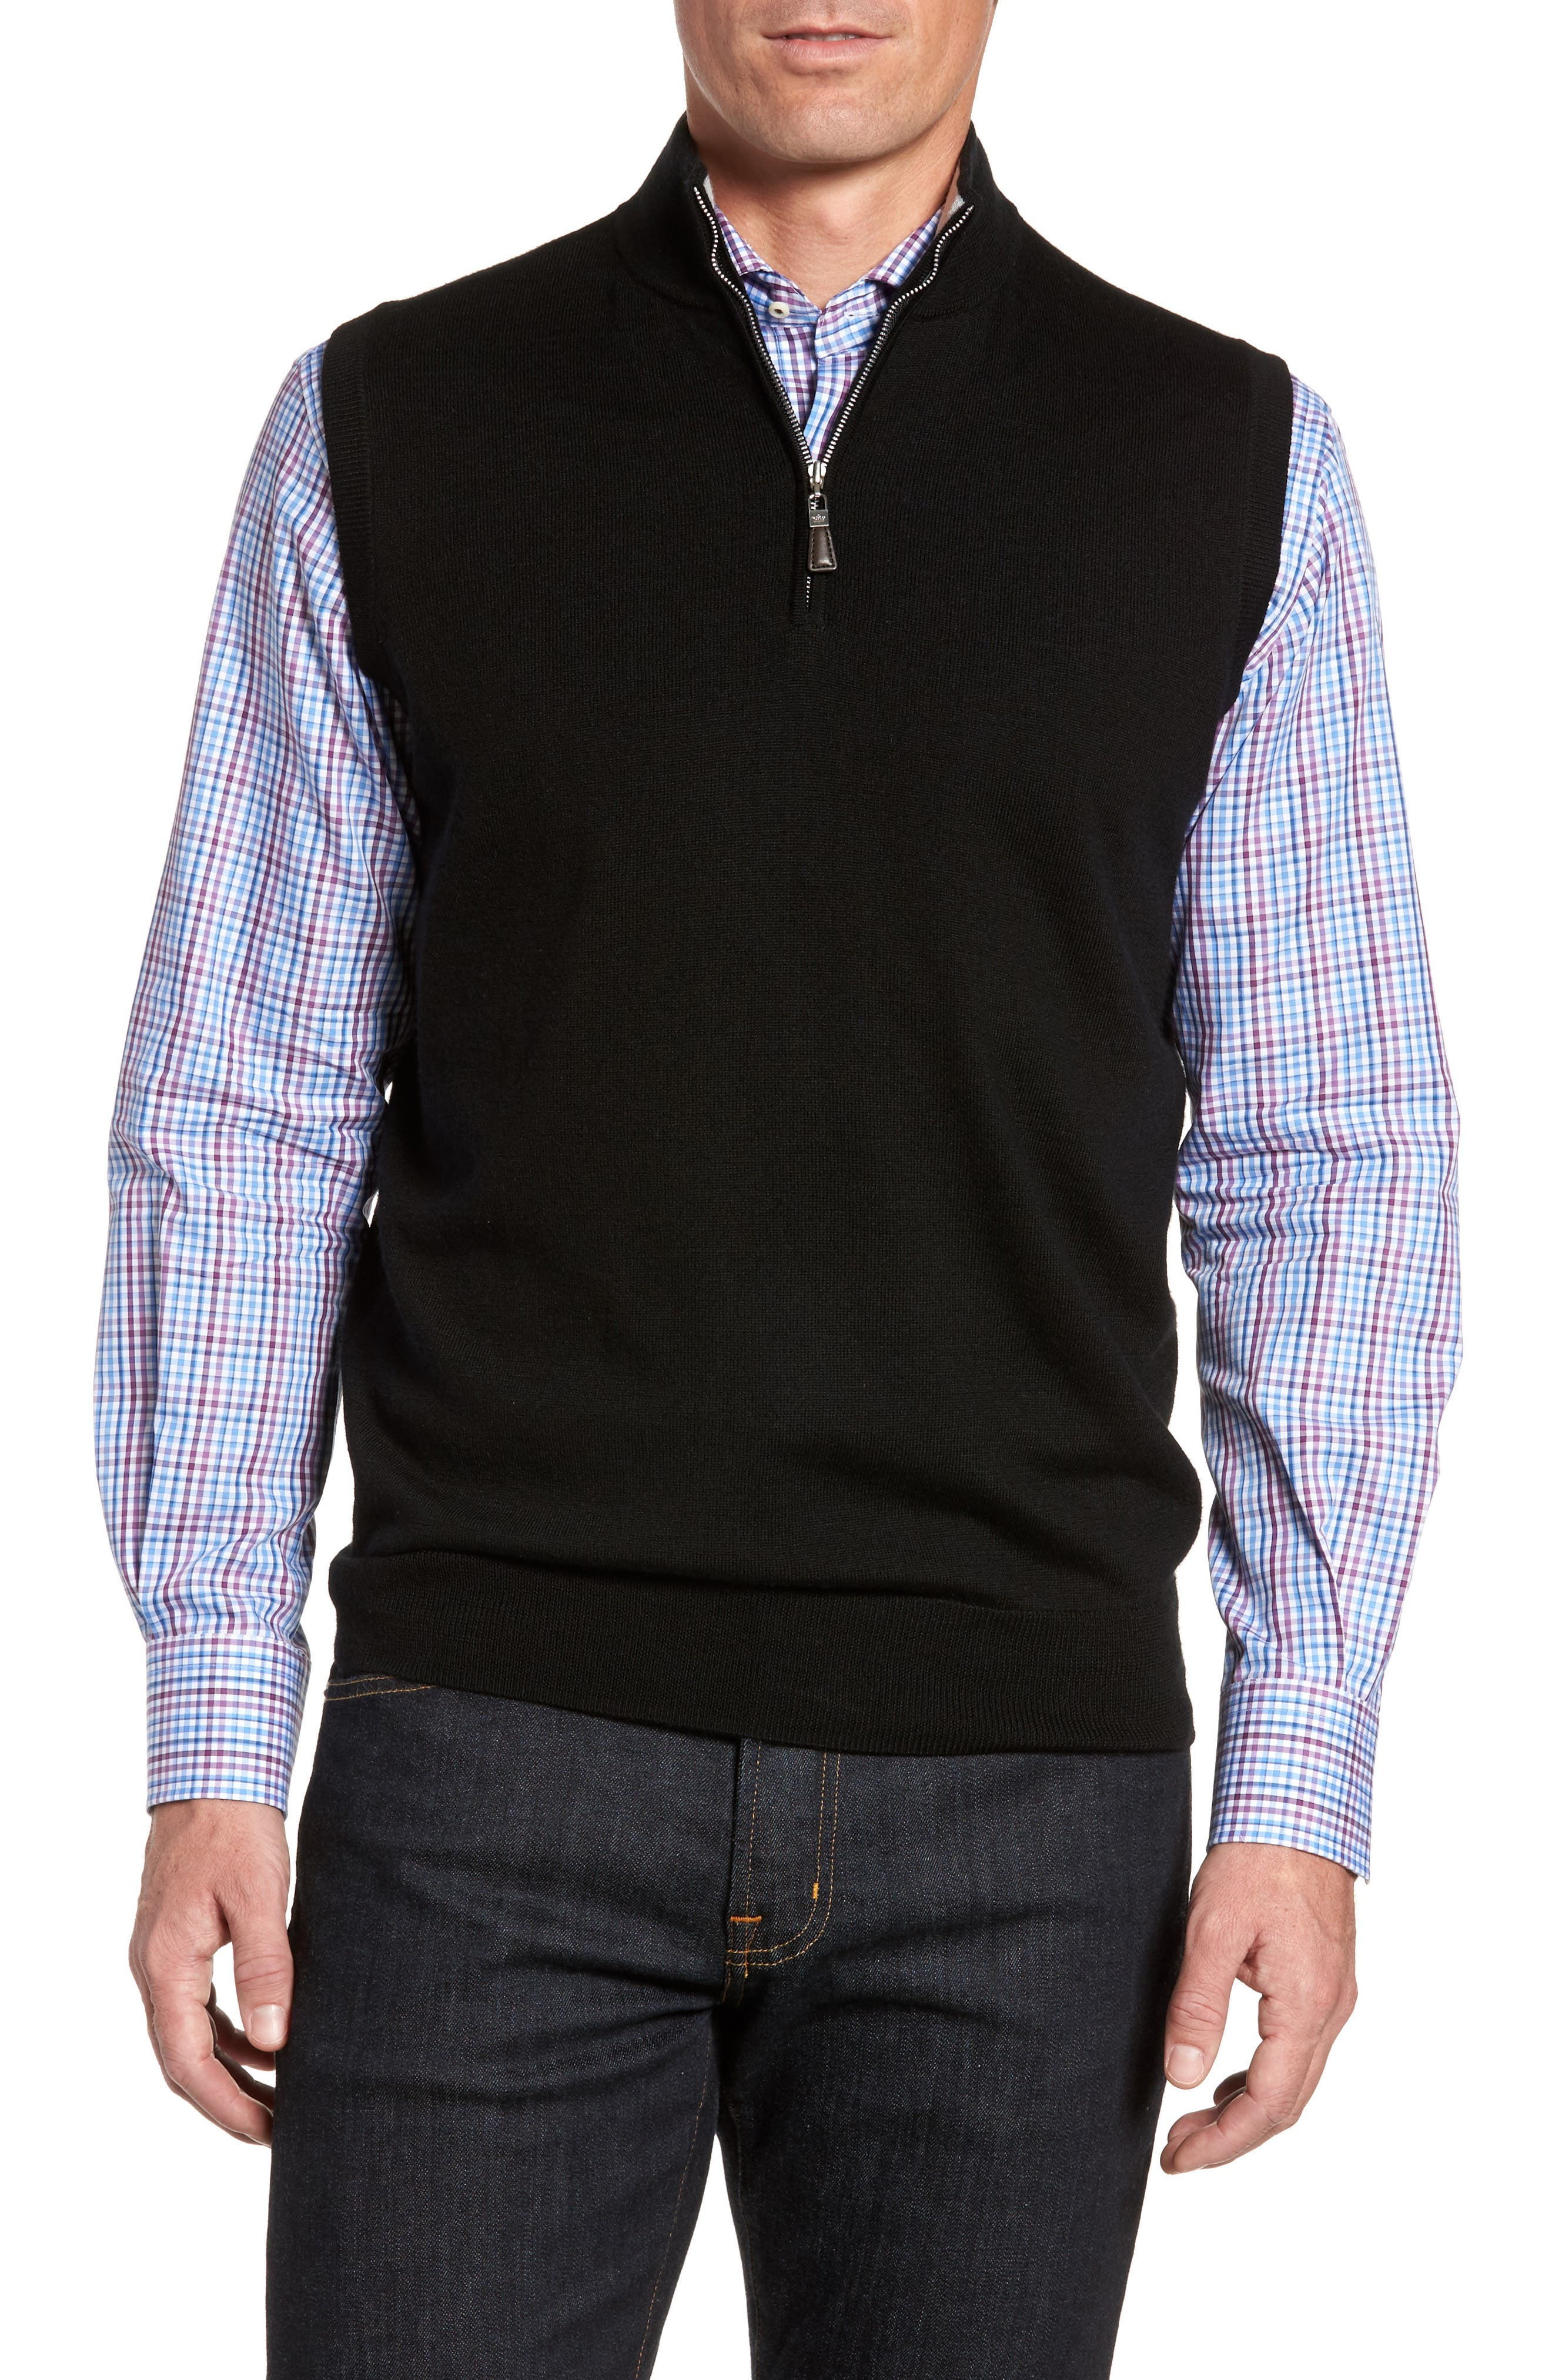 Men's Peter Millar Black Sweater Vests | Nordstrom